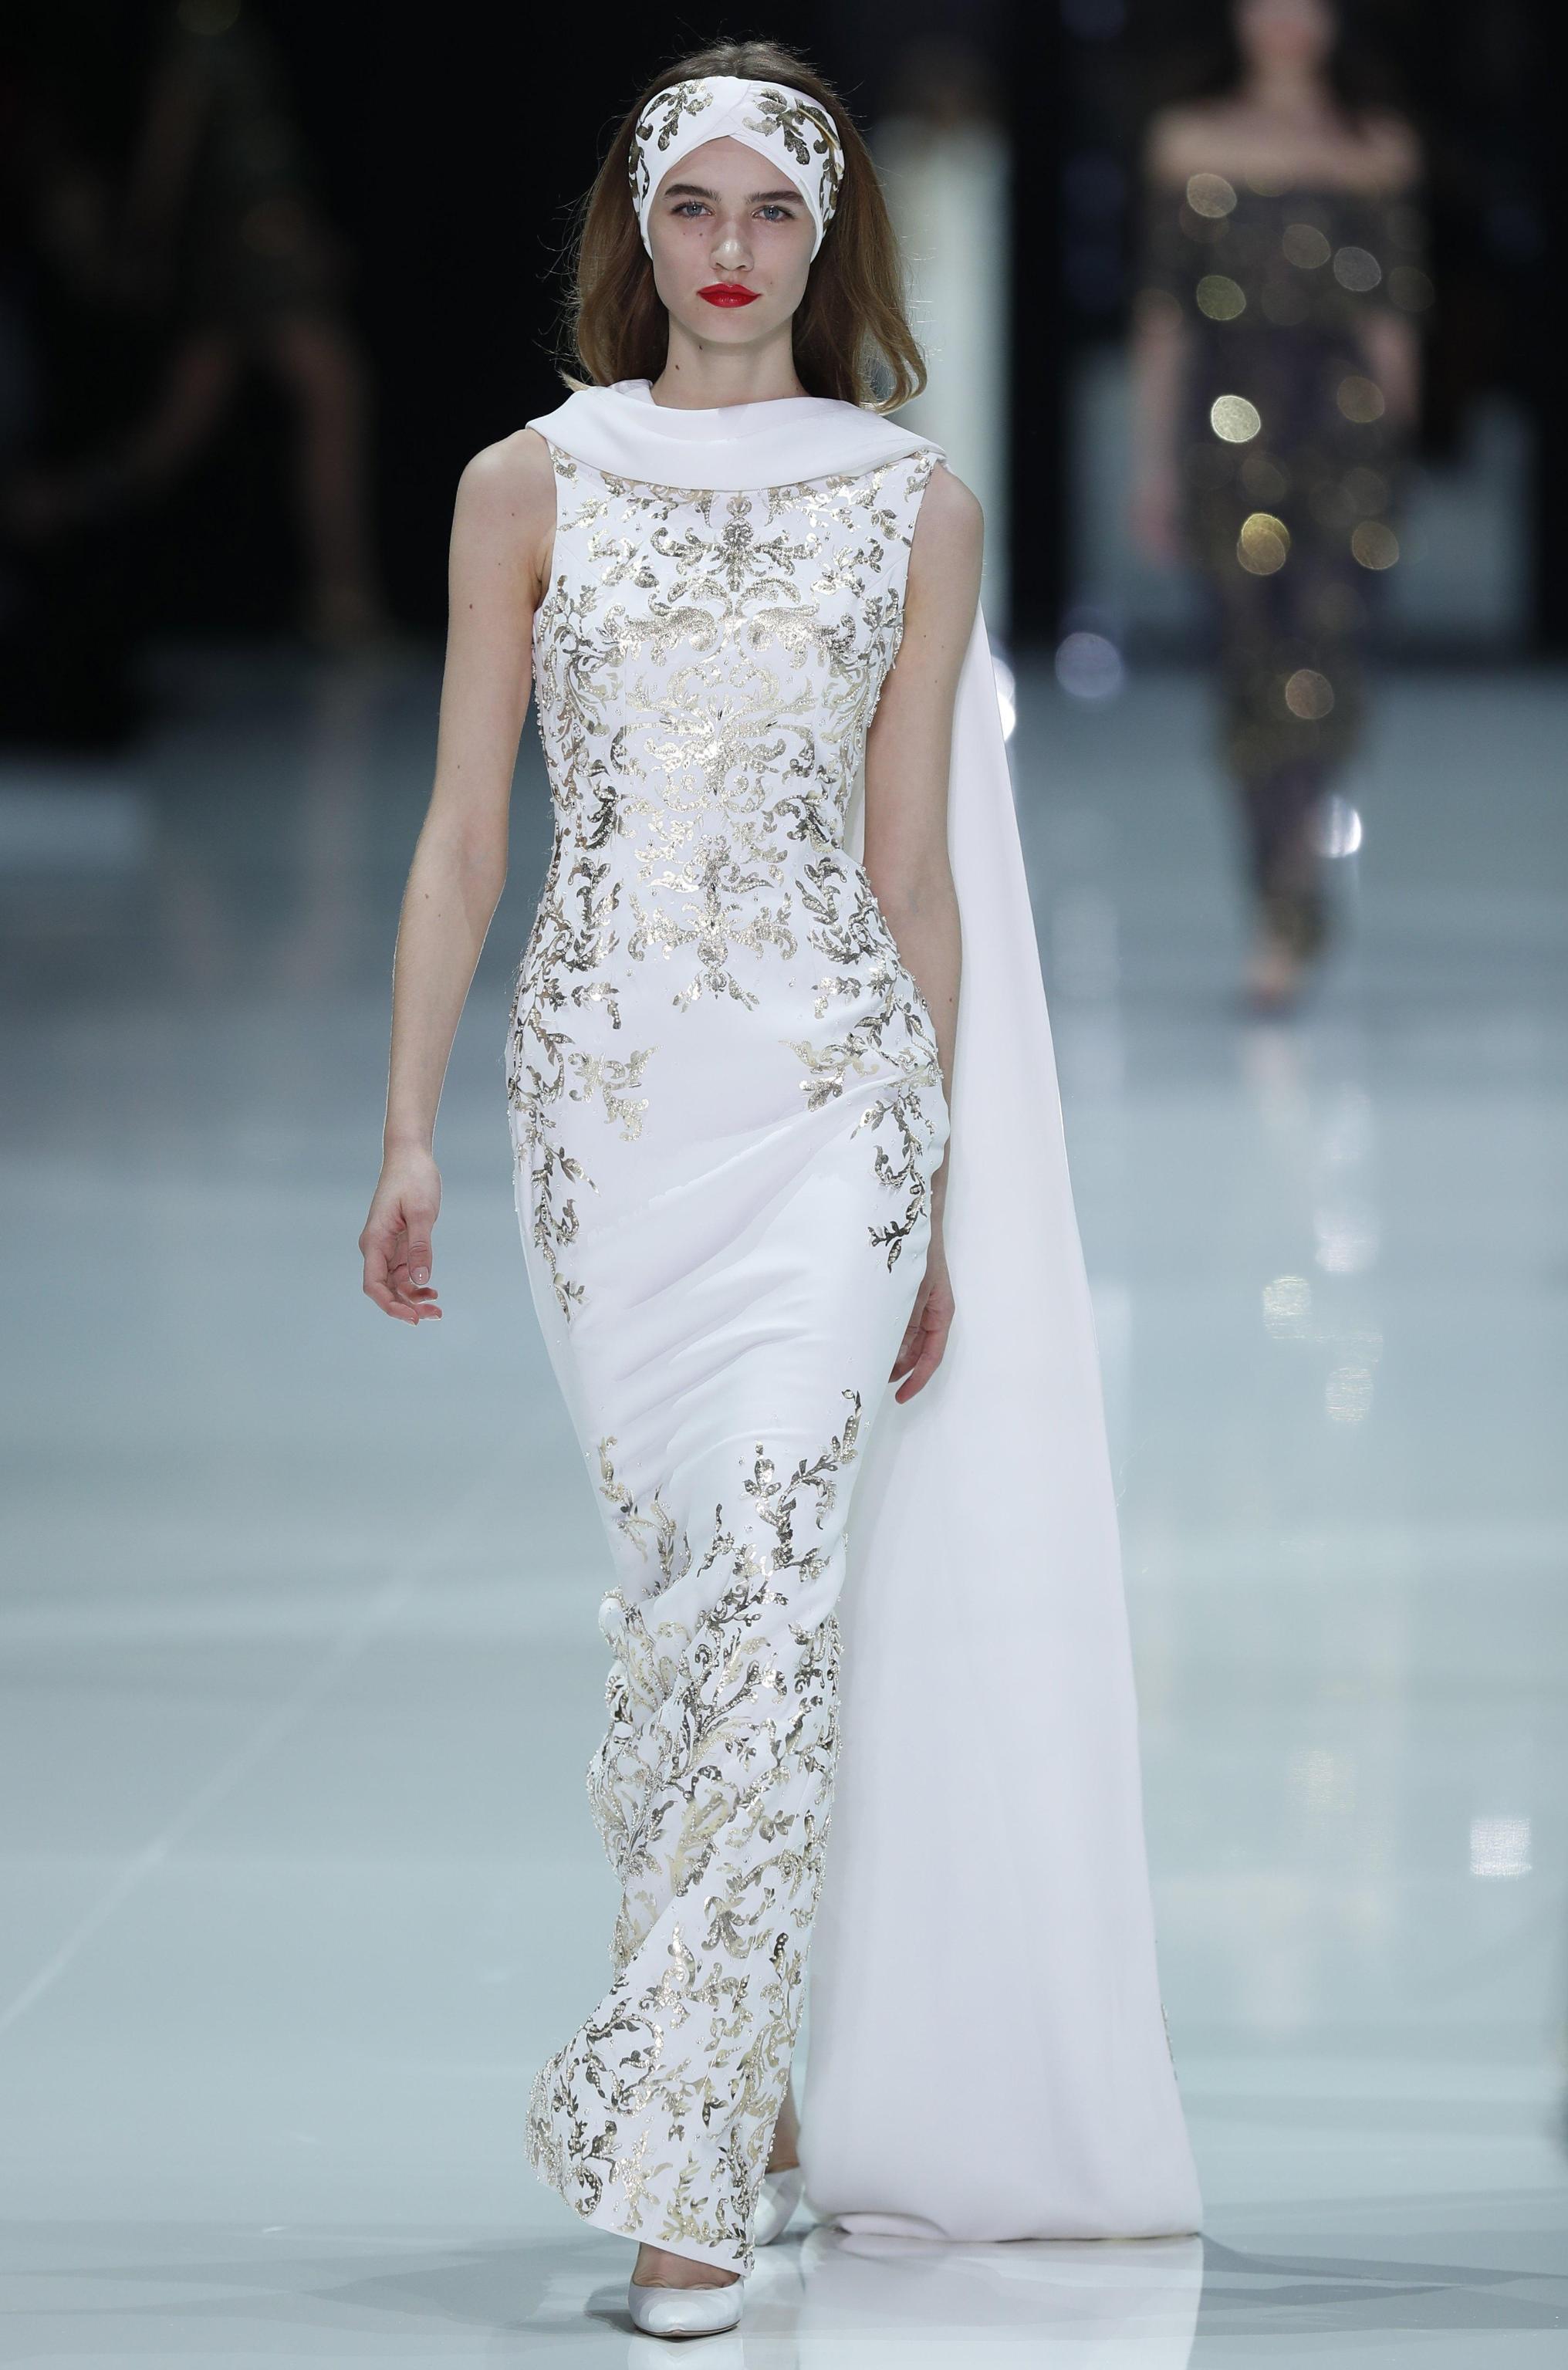 Abito da sposa gioiello Ralph and Russo haute couture primavera estate 2018